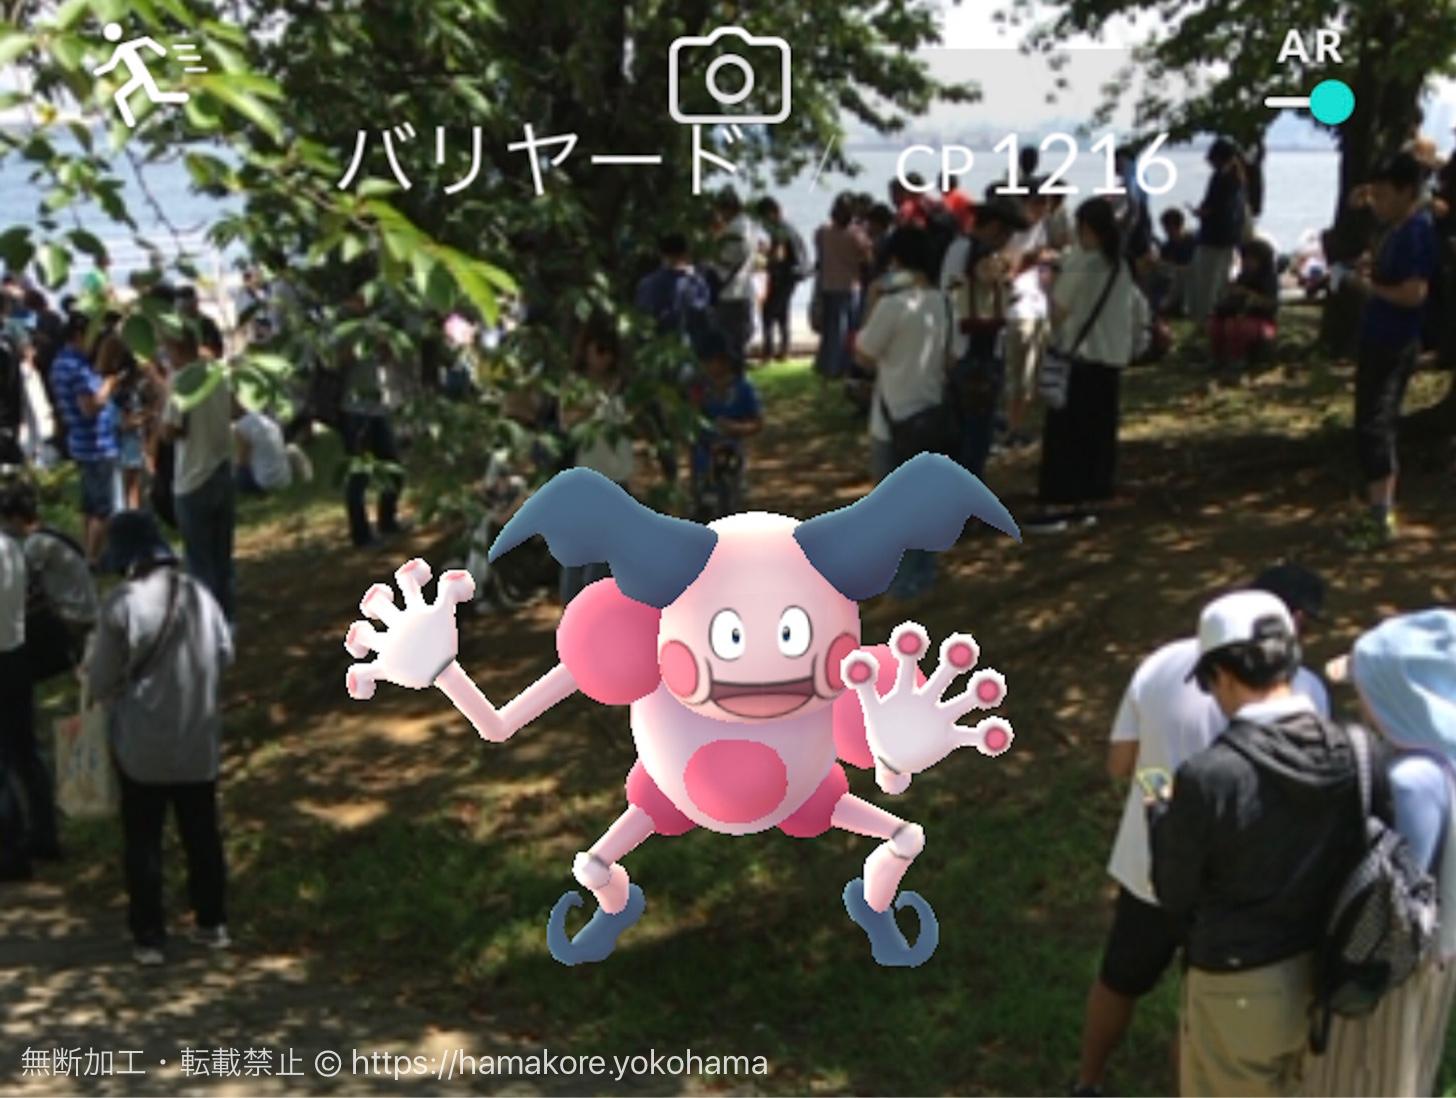 横浜 ポケモンGOパークで入手したレアポケモンの種類と大混雑のパークの様子